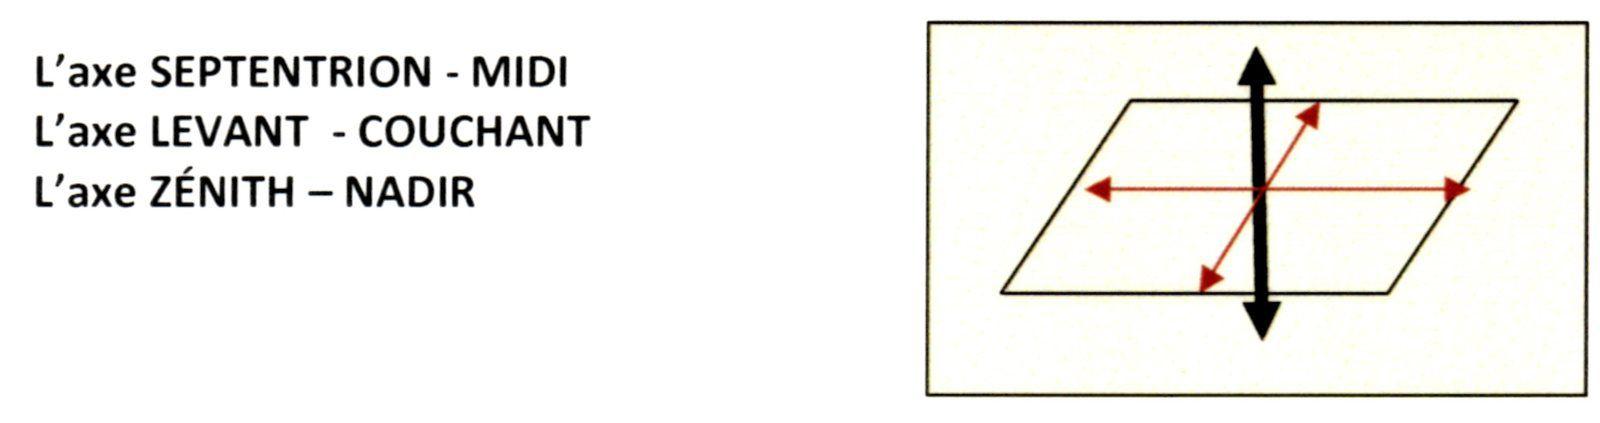 Approche des dynamiques symboliques à l'œuvre dans la Loge maçonnique par E.°.R.°.